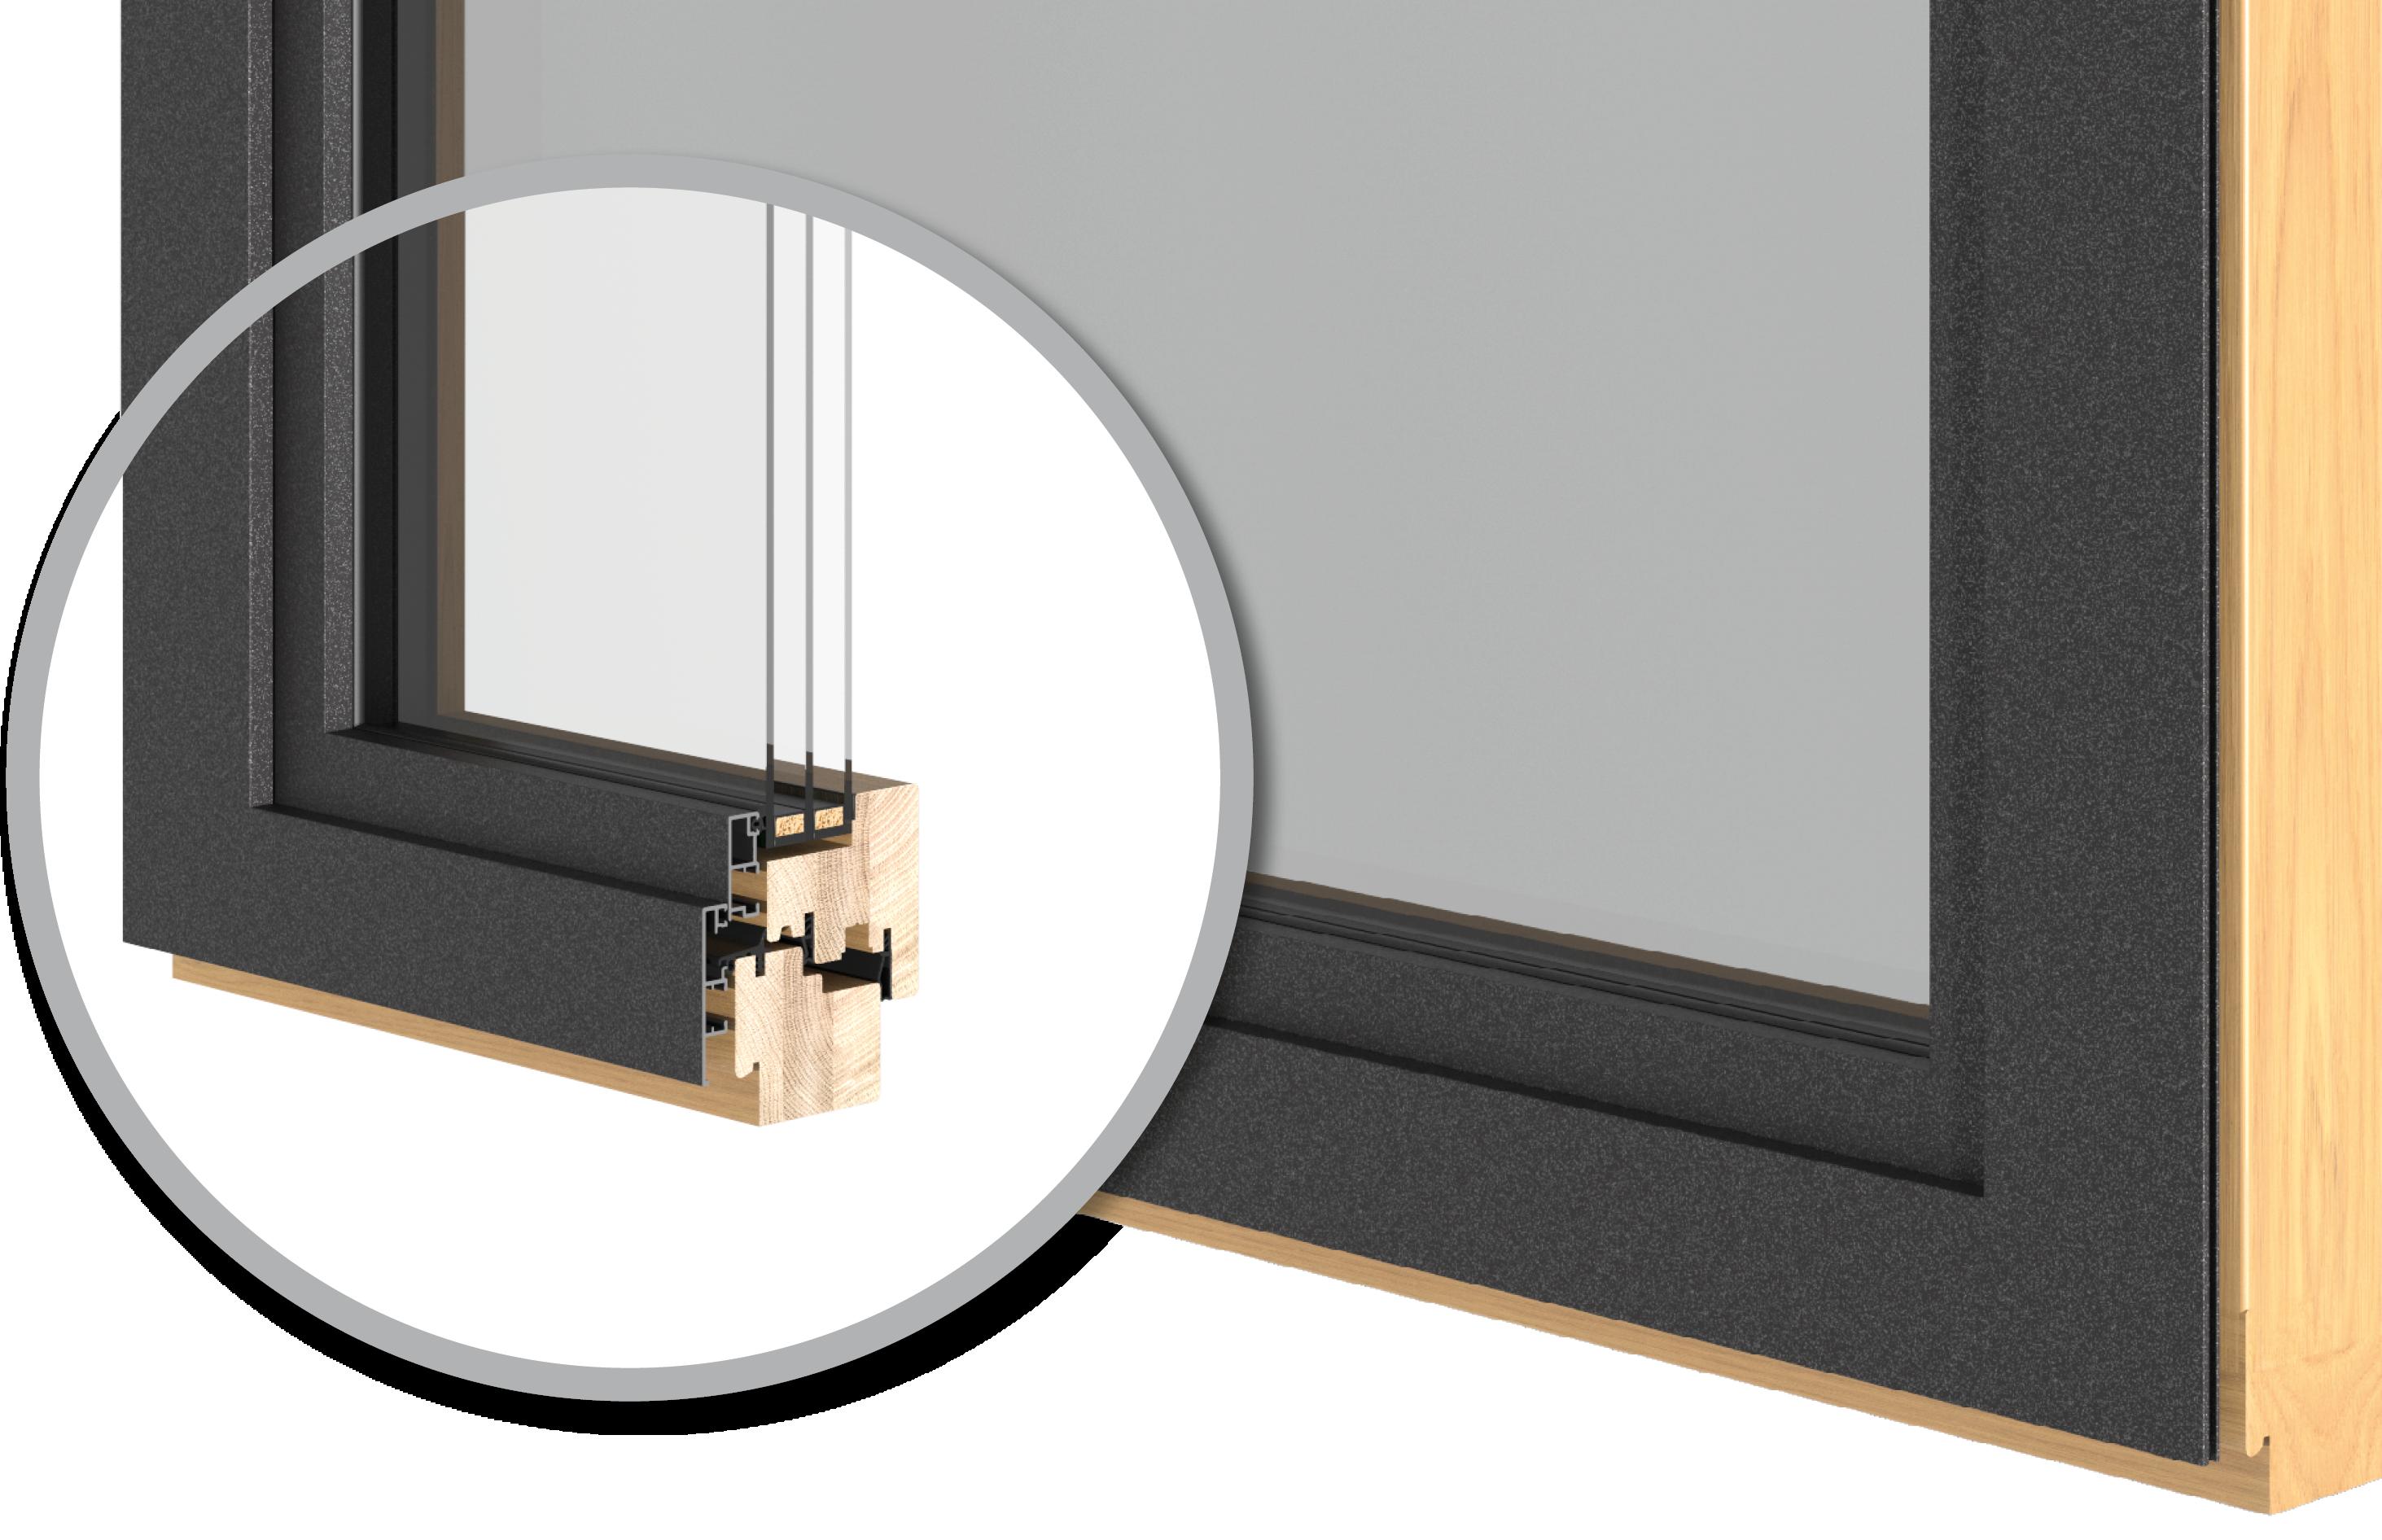 Full Size of Aluminium Fenster Alle Systeme Auf Einen Blick Dpfner Holz Und Alu Nach Maß Sicherheitsbeschläge Nachrüsten Jalousien Innen Konfigurieren Mit Rolladen Fenster Aluminium Fenster